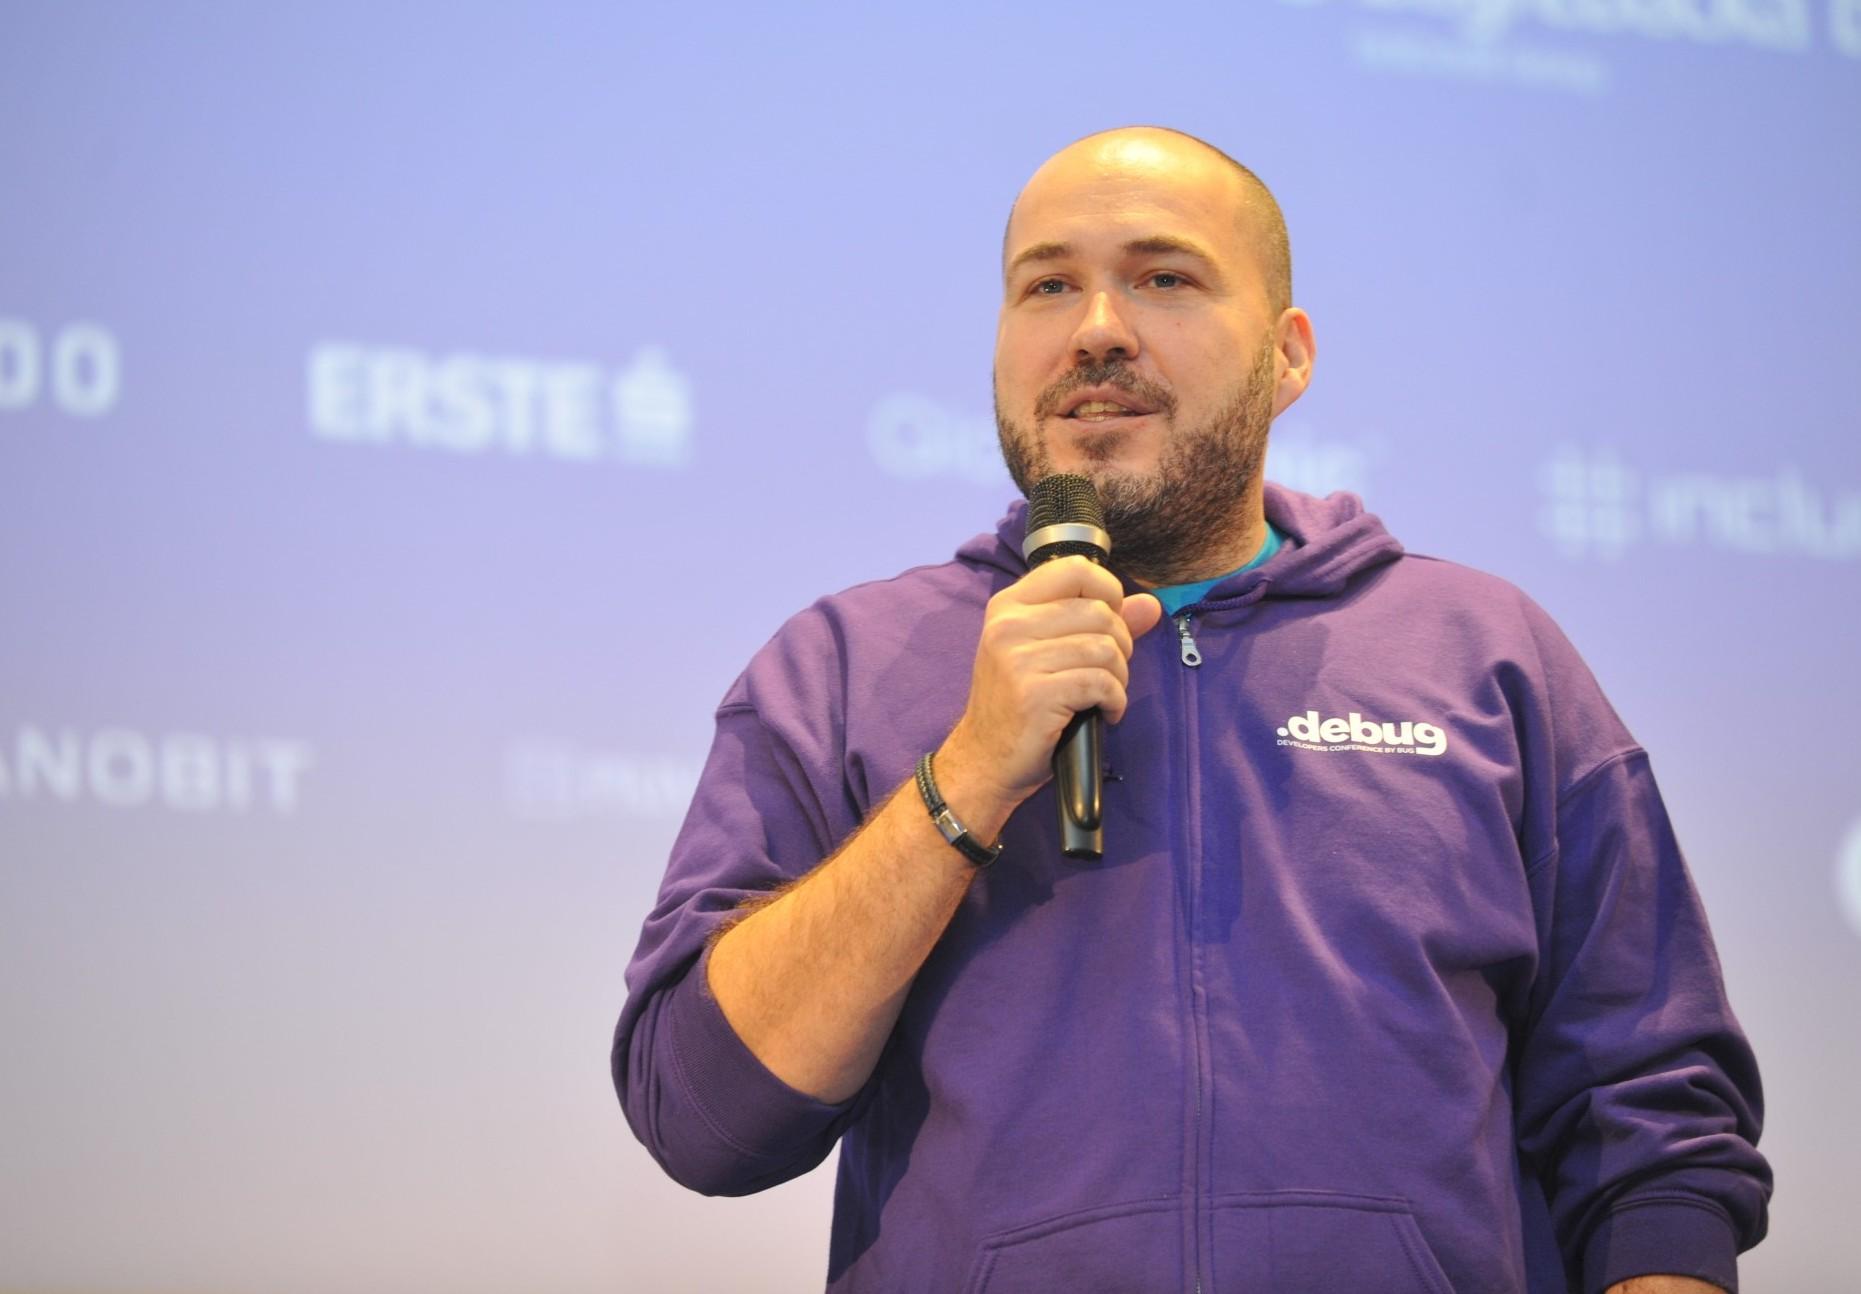 Dragan Petric: Tehnologija mijenja način na koji živimo